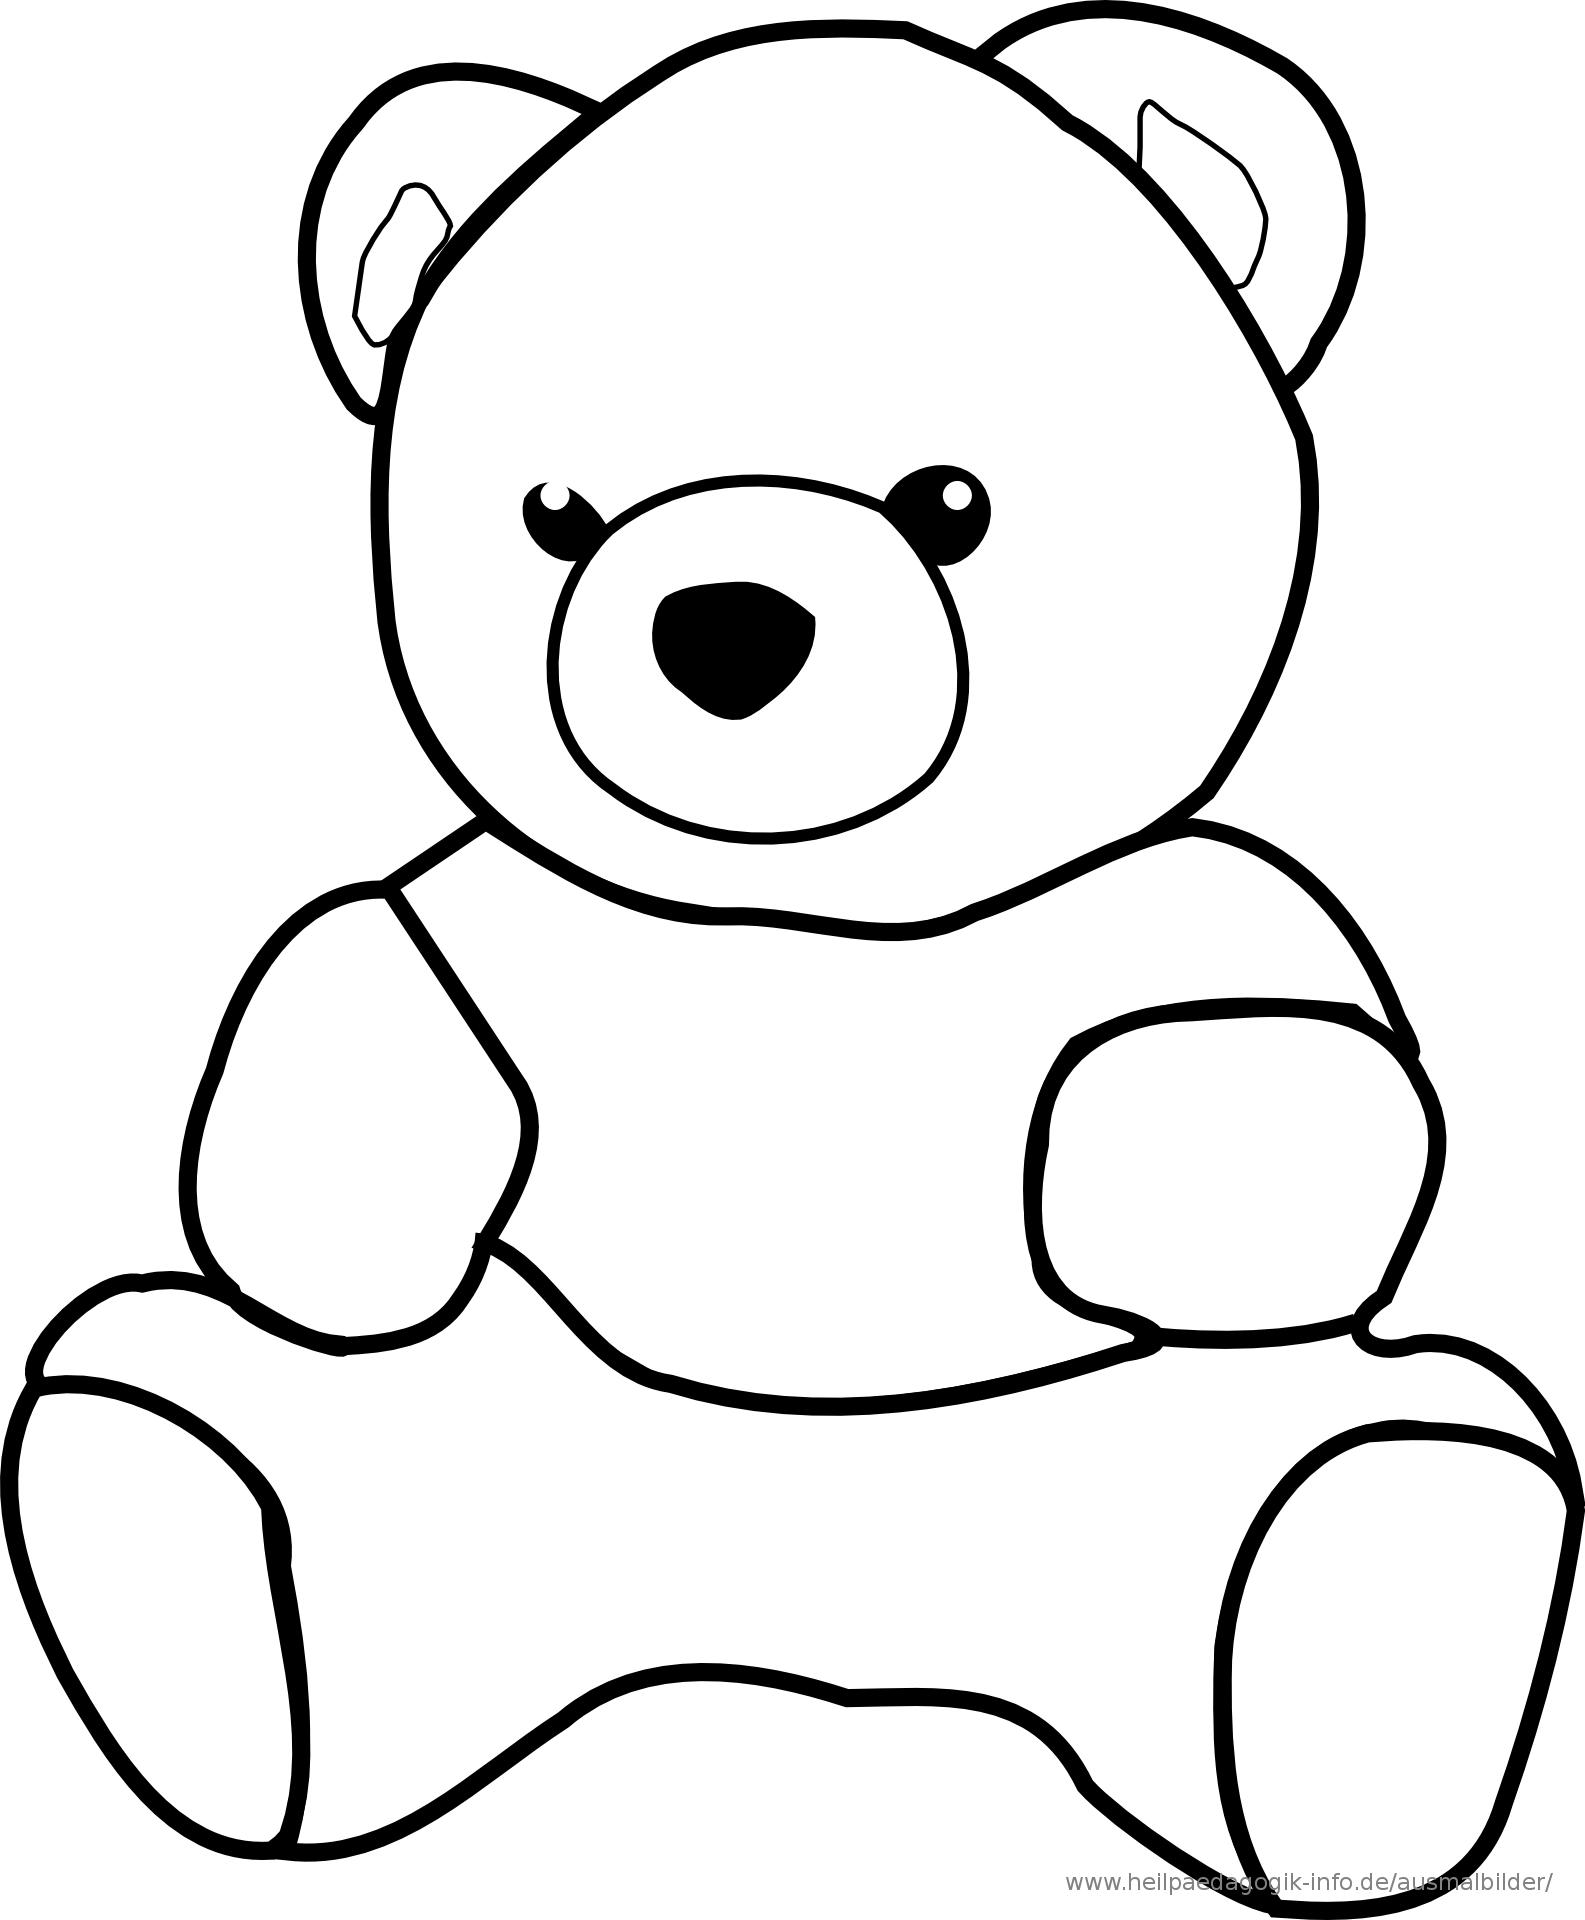 ausmalbilder teddy Ausmalbilder für kinder